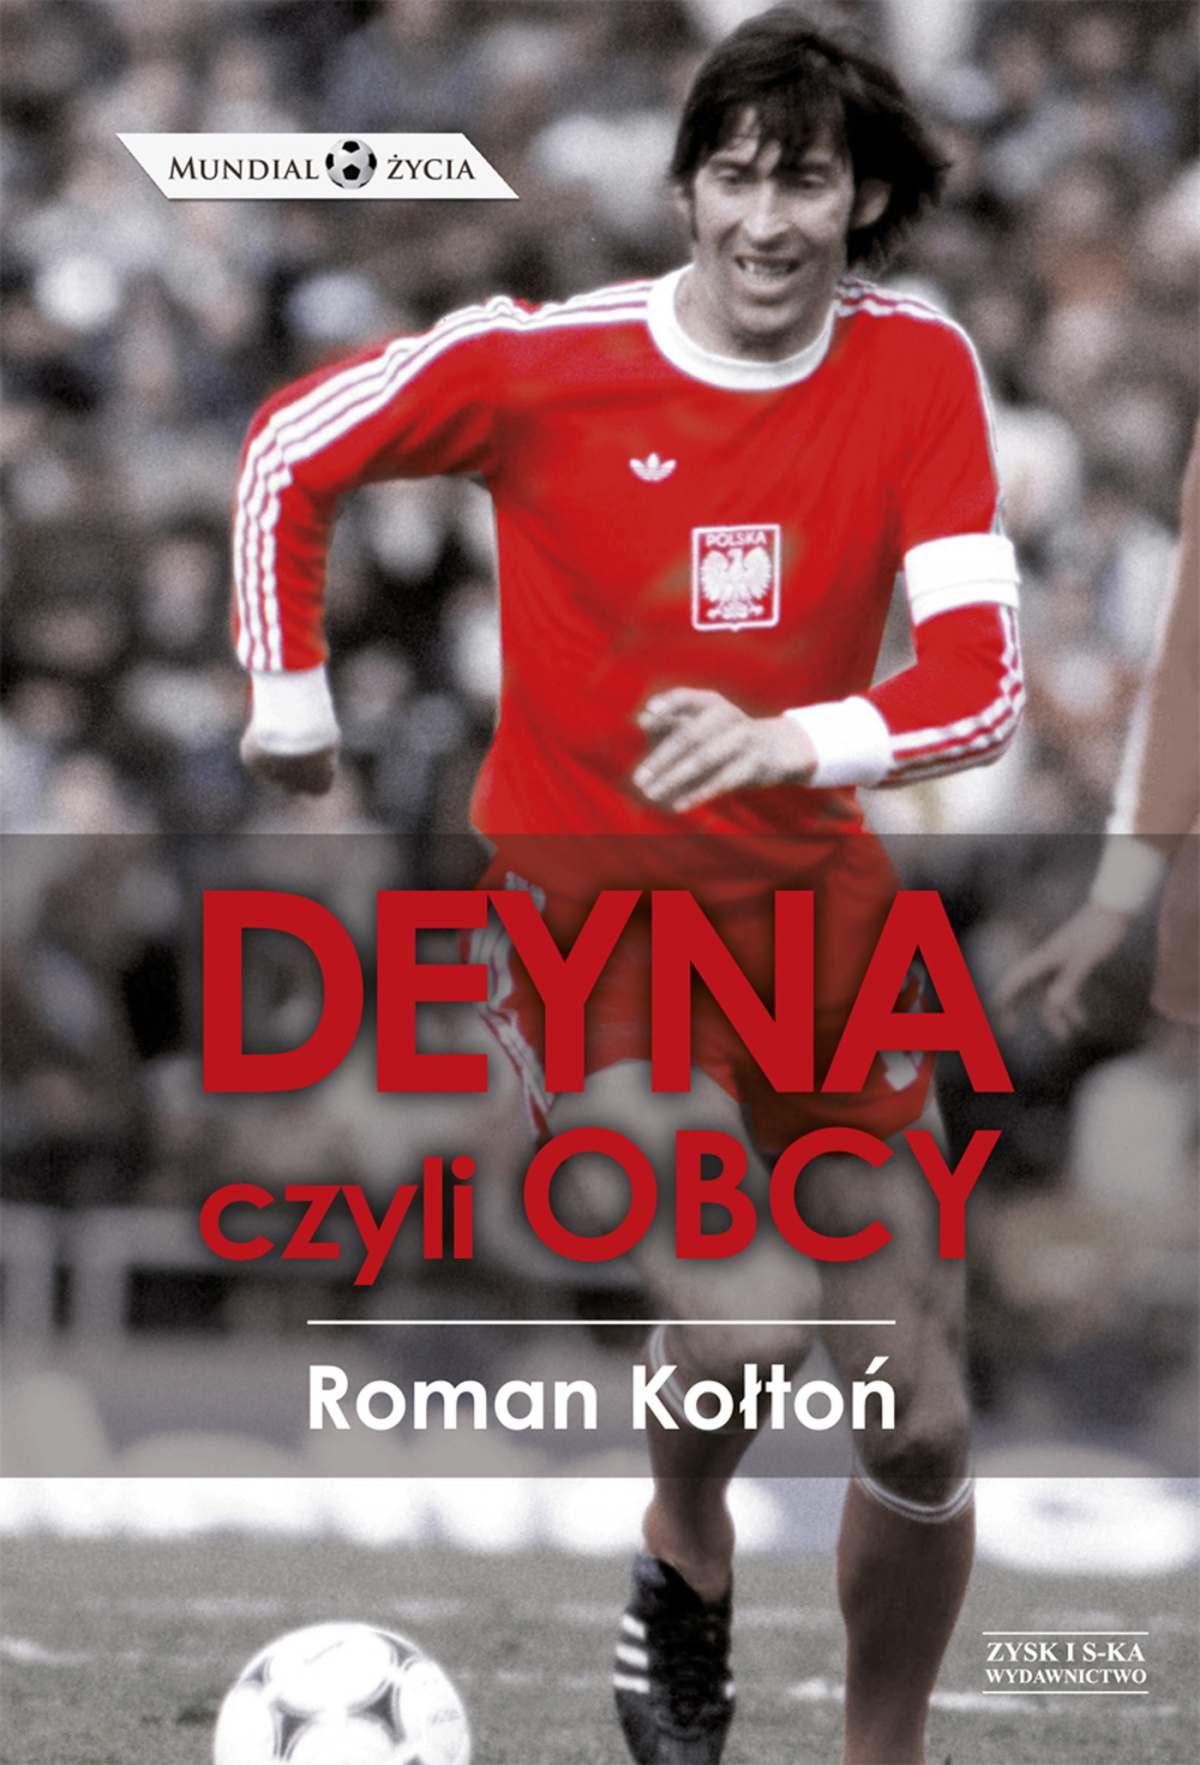 Deyna, czyli obcy - Ebook (Książka EPUB) do pobrania w formacie EPUB